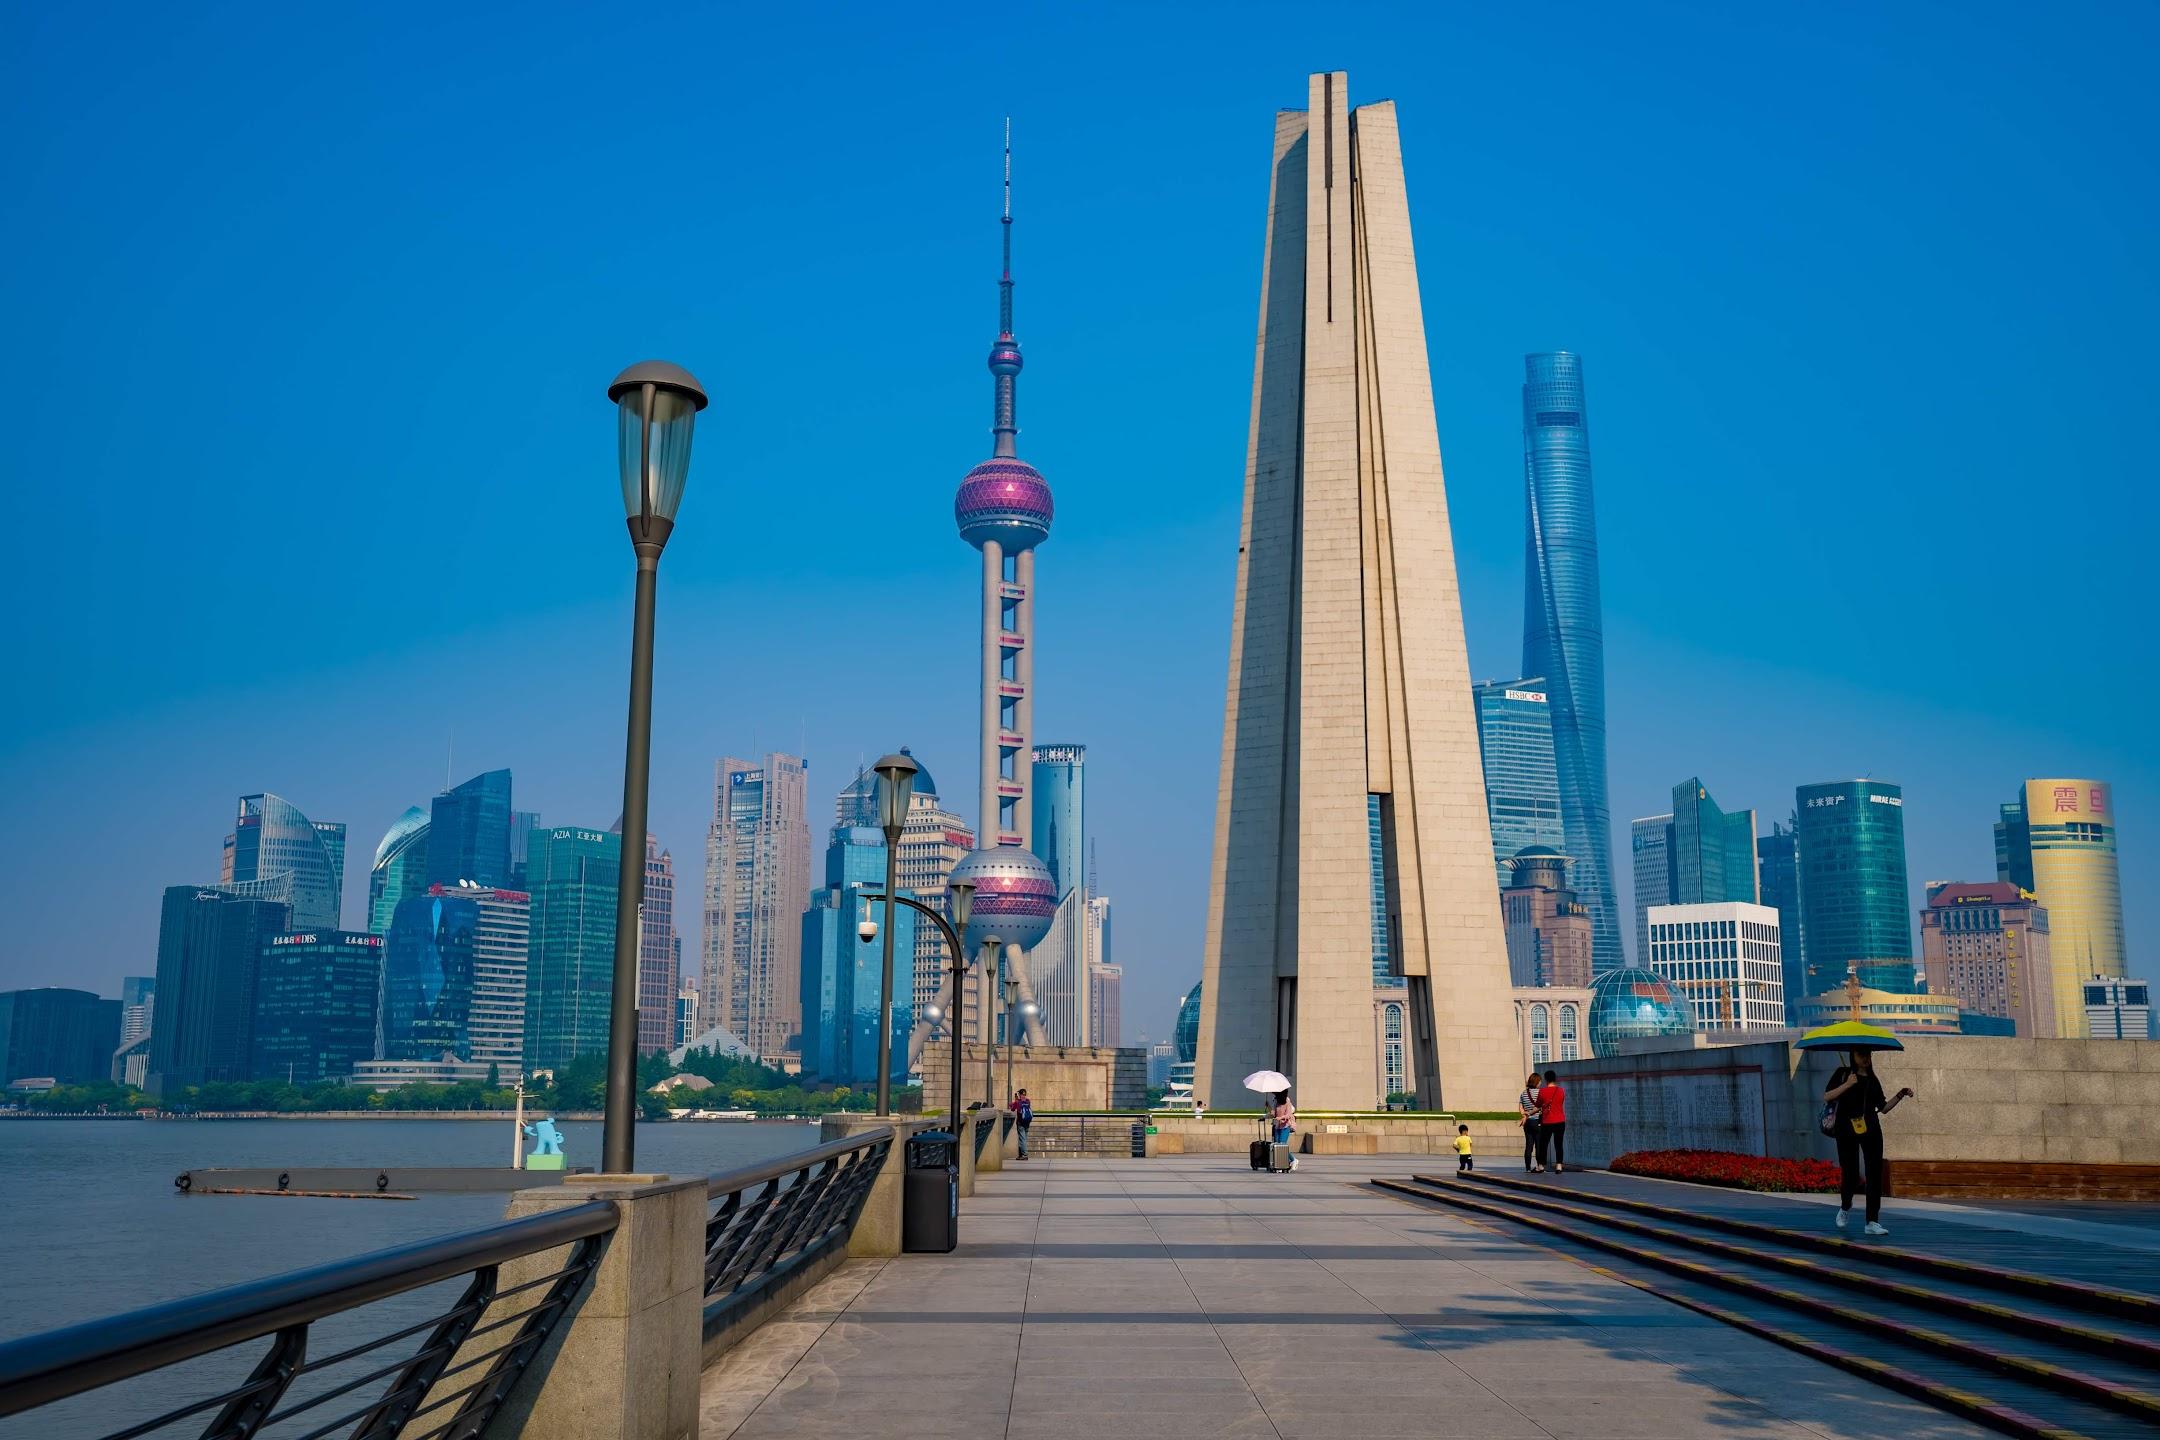 Shanghai Waitan (The Bund) People's Heroes Monument